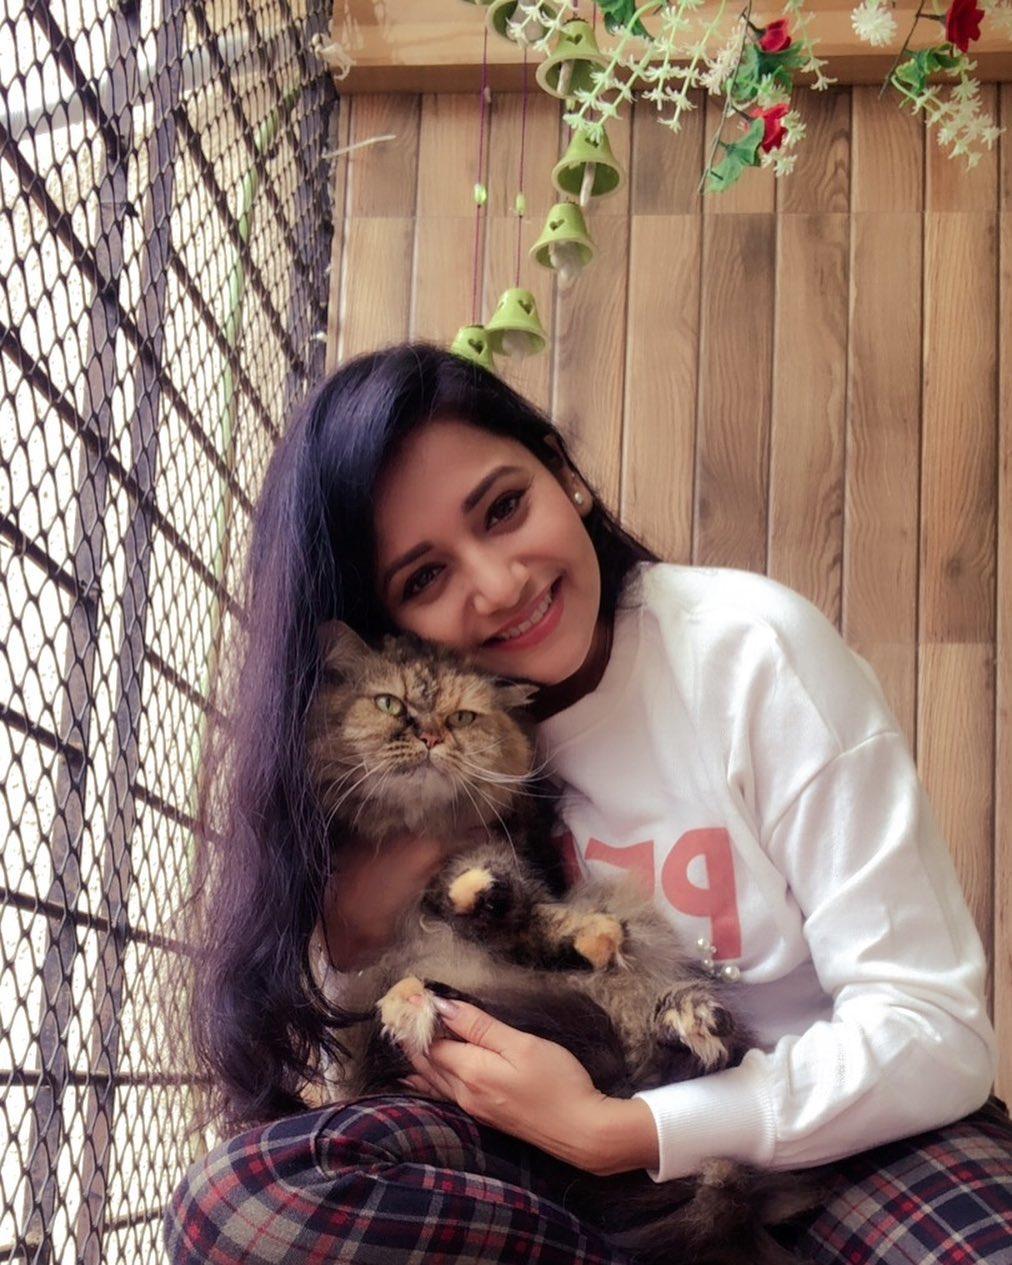 आणखी एक मार्जारप्रेमी मराठी अभिनेत्री आहे जुई गडकरी. (फोटो - Instagram)